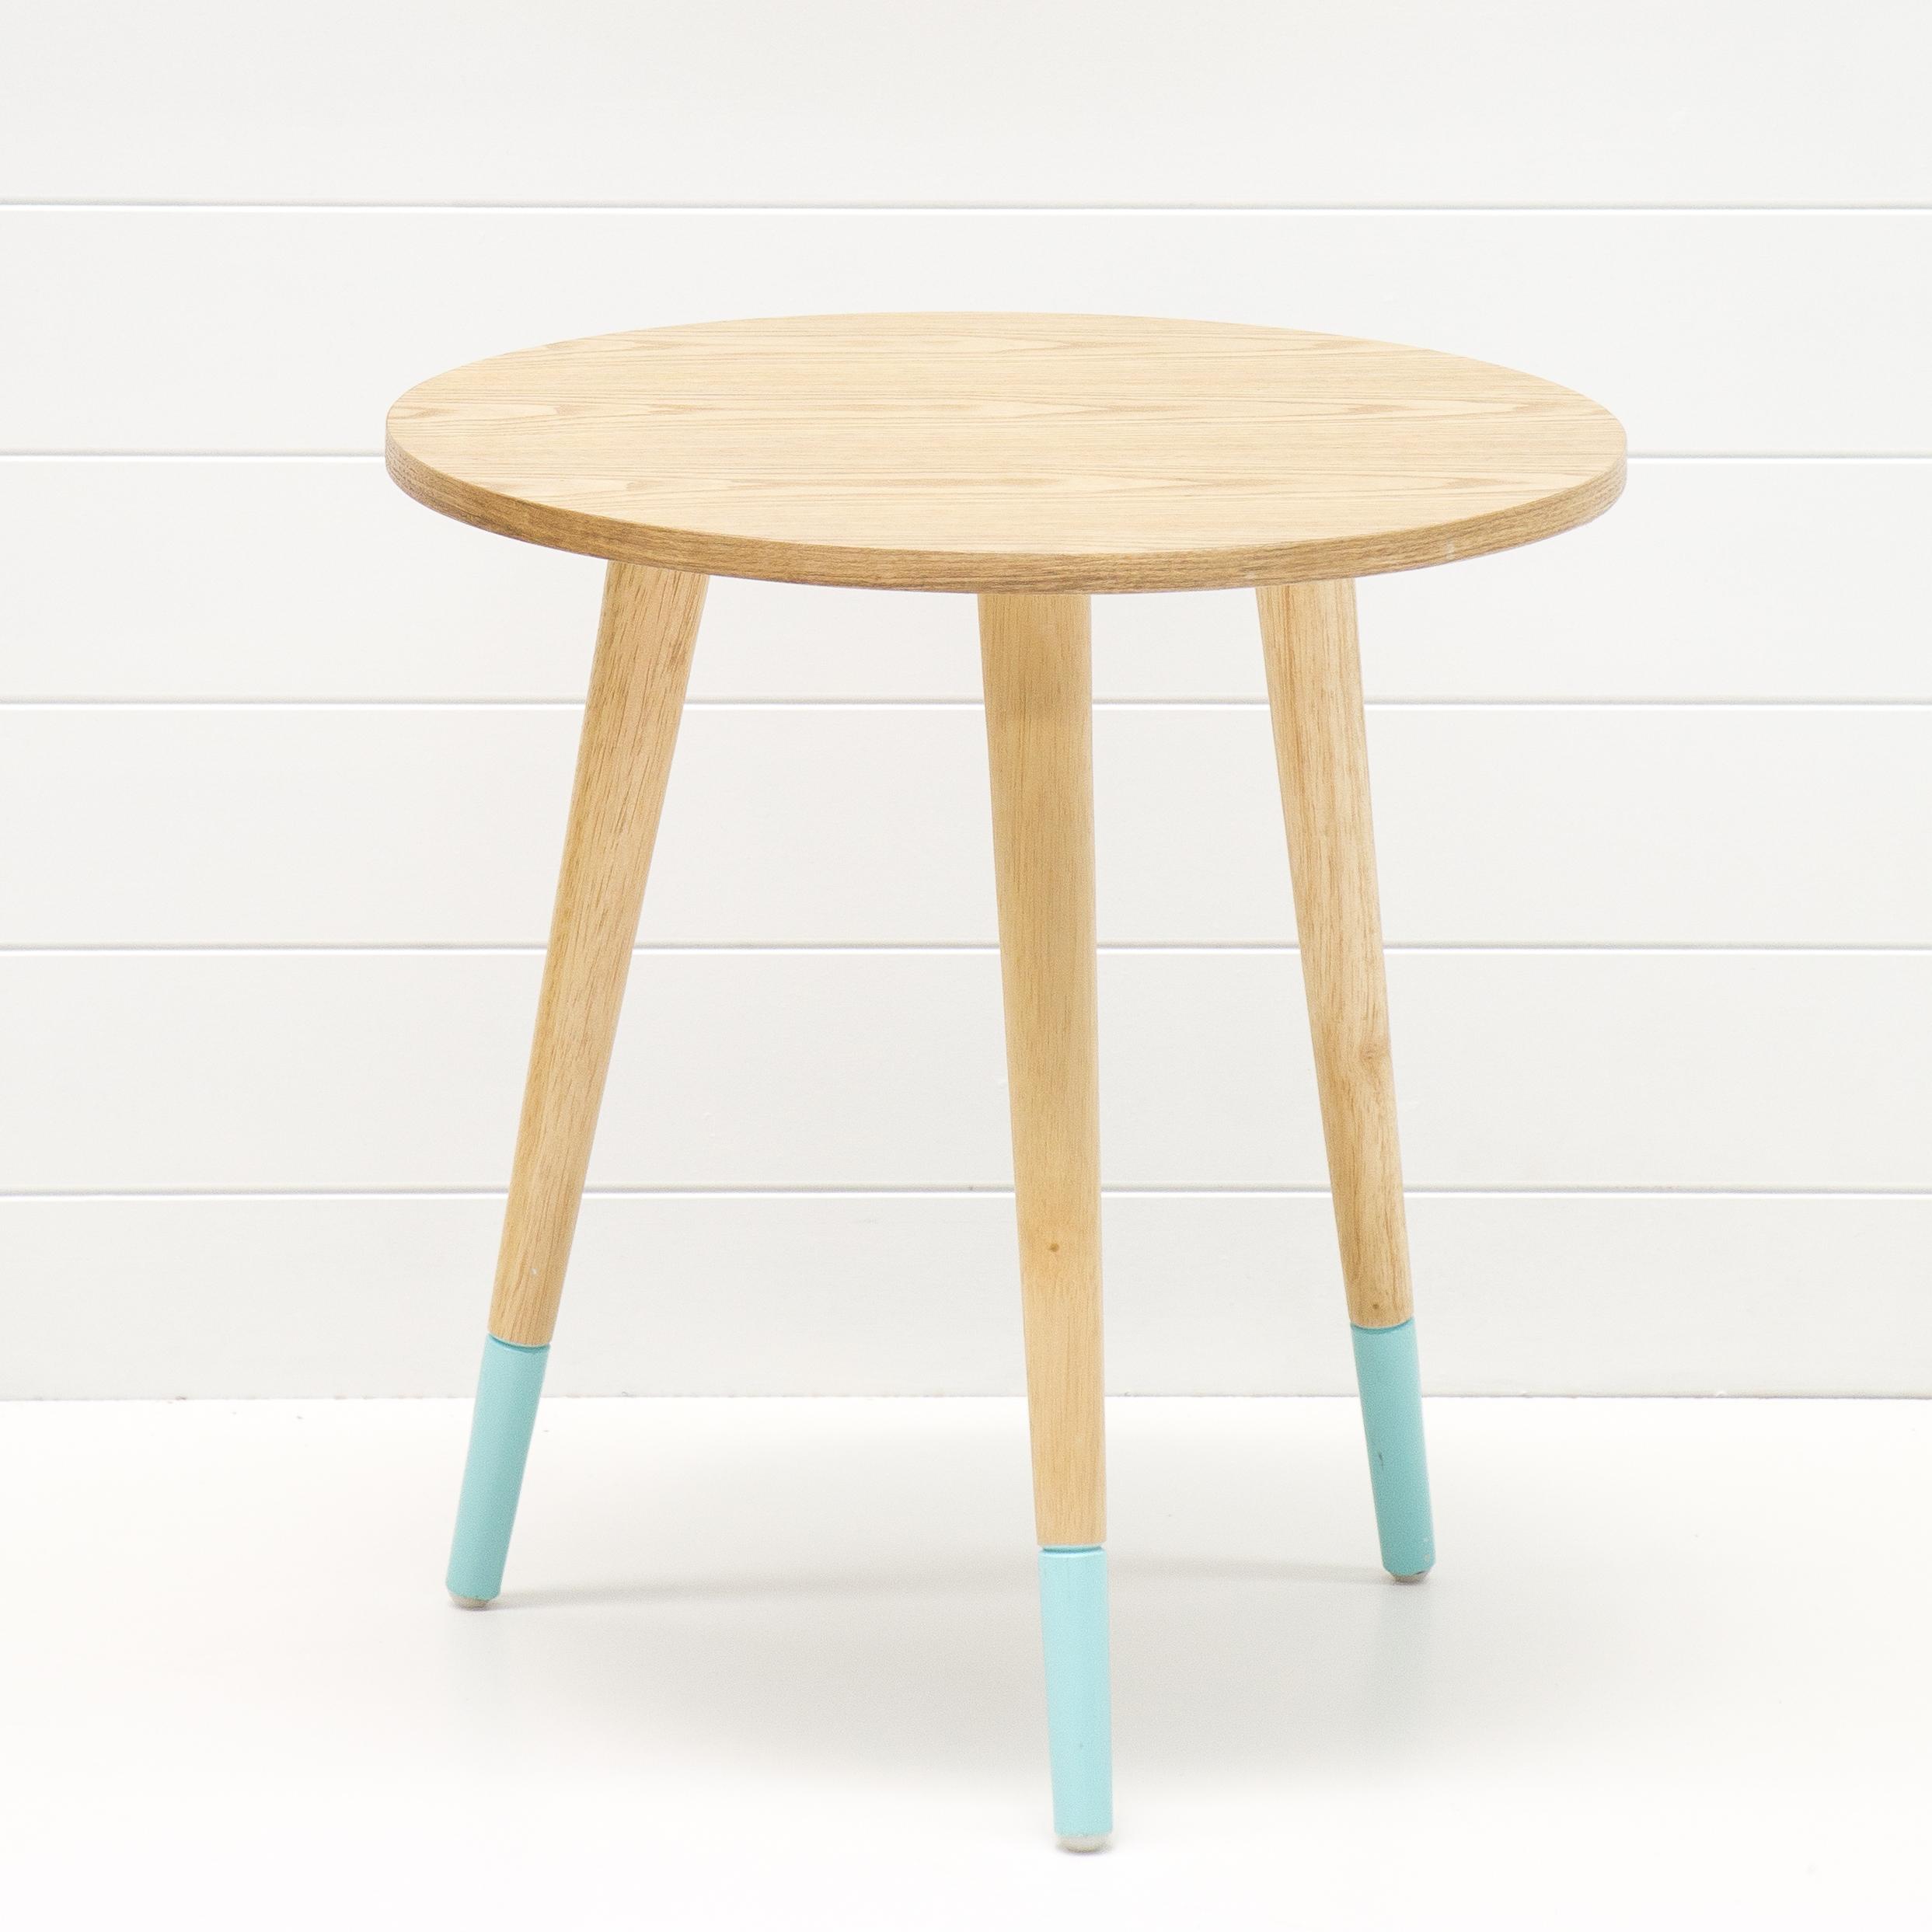 Teak Side Table with Aqua Legs